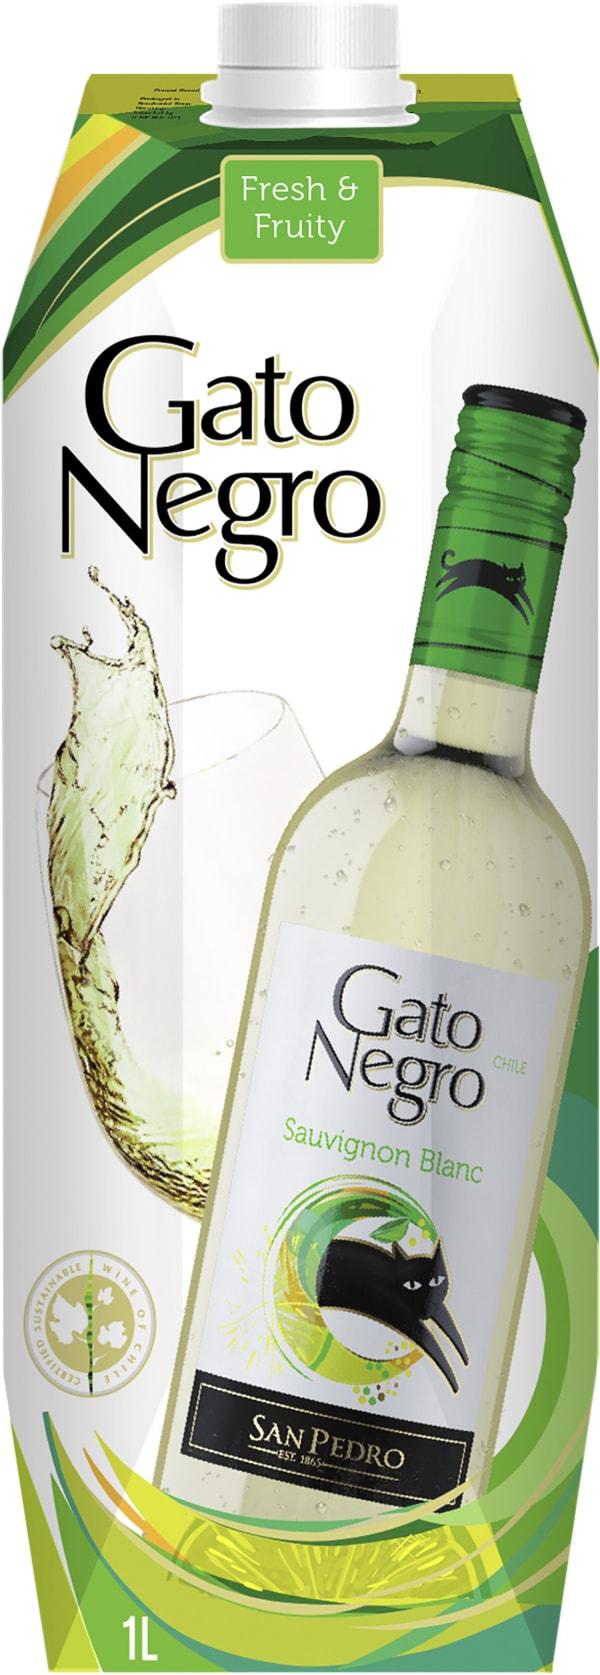 Gato Negro Sauvignon Blanc carton package